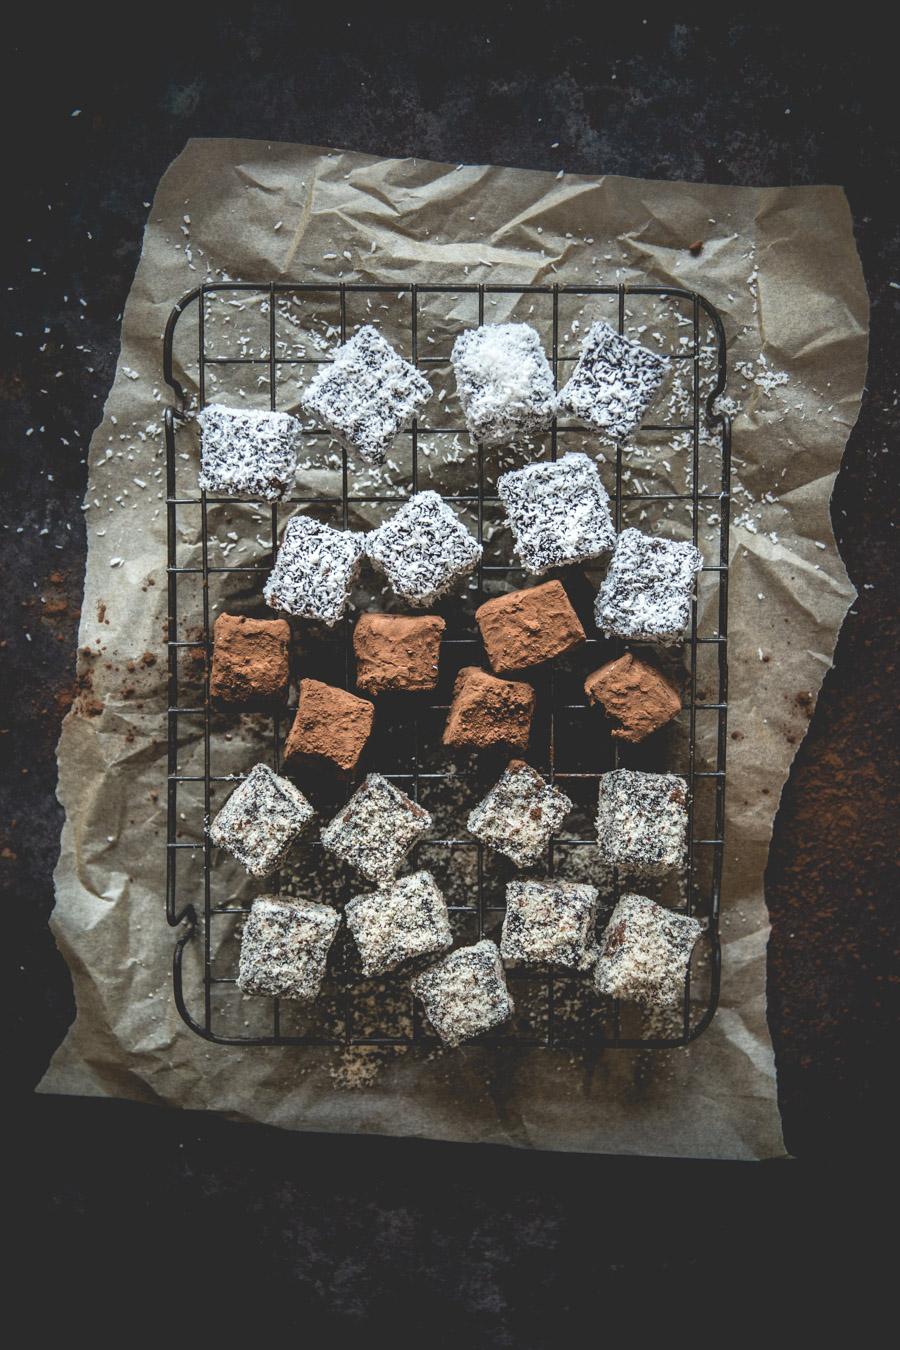 recette-classique-truffes-au-chocolat-noisettes-noix-de-coco-ophelie-lauret-ophelies-kitchen-book-12